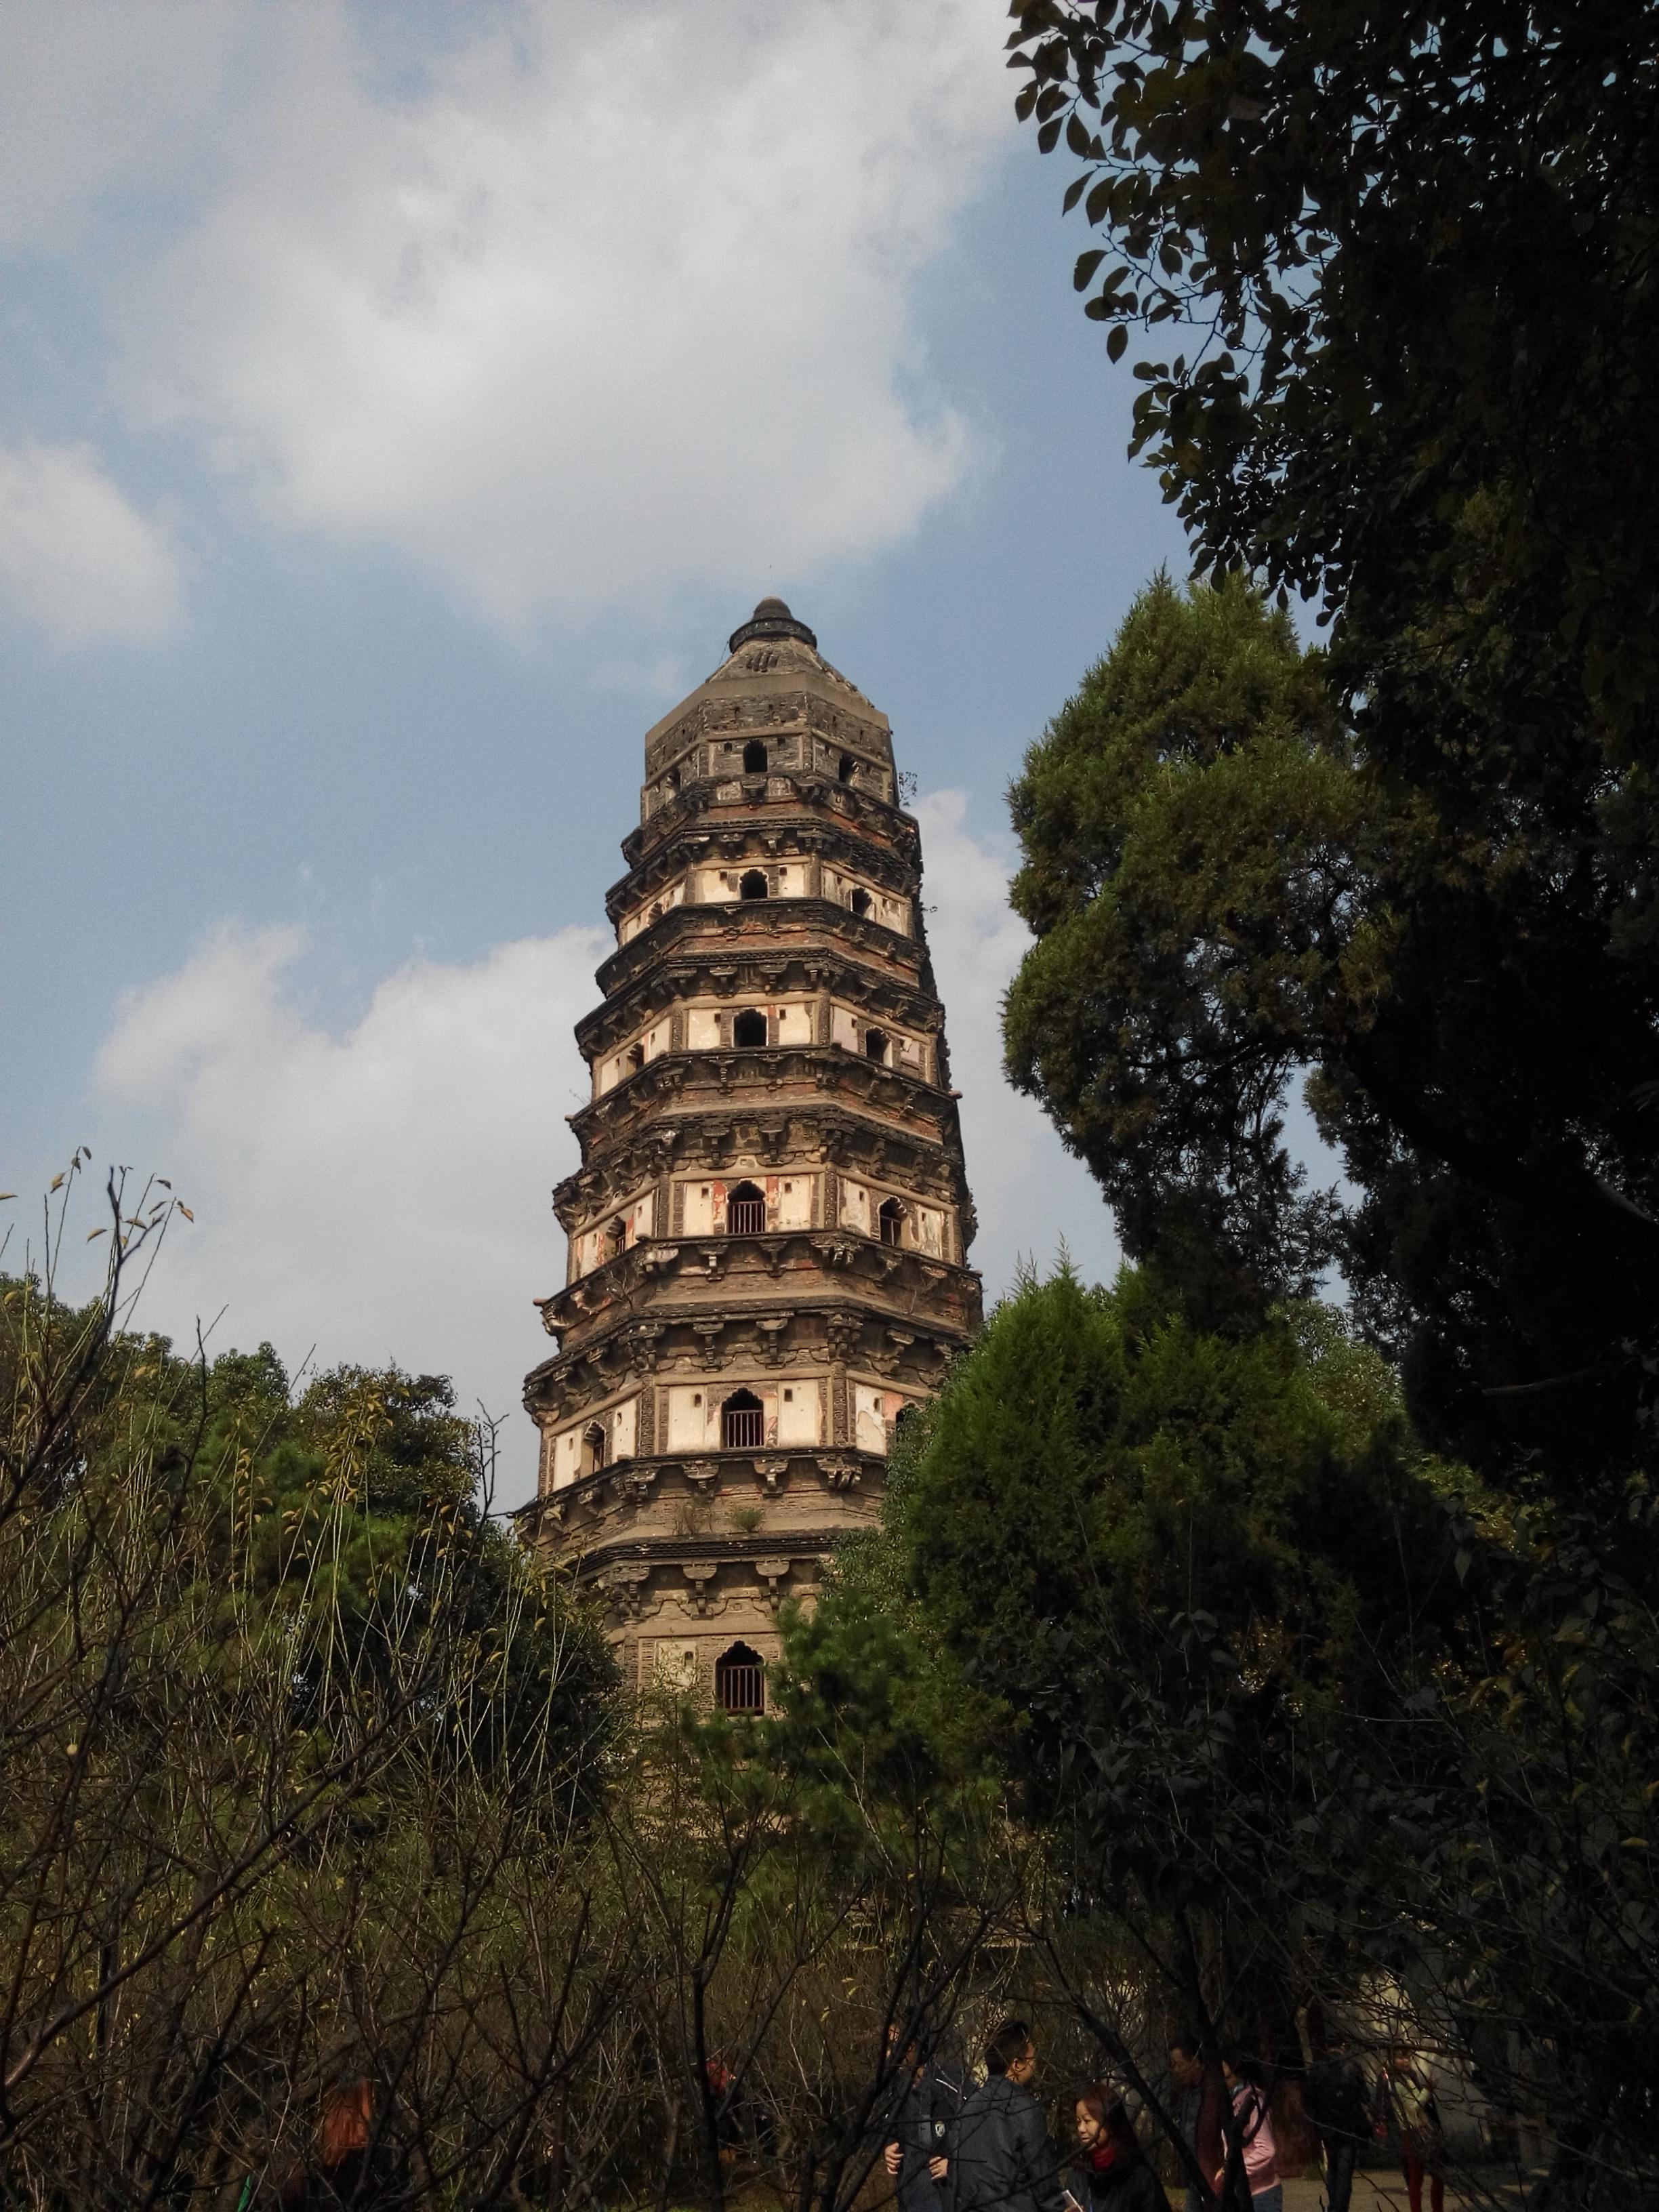 【攜程攻略】蘇州虎丘塔景點,正如蘇軾說過到蘇州不游